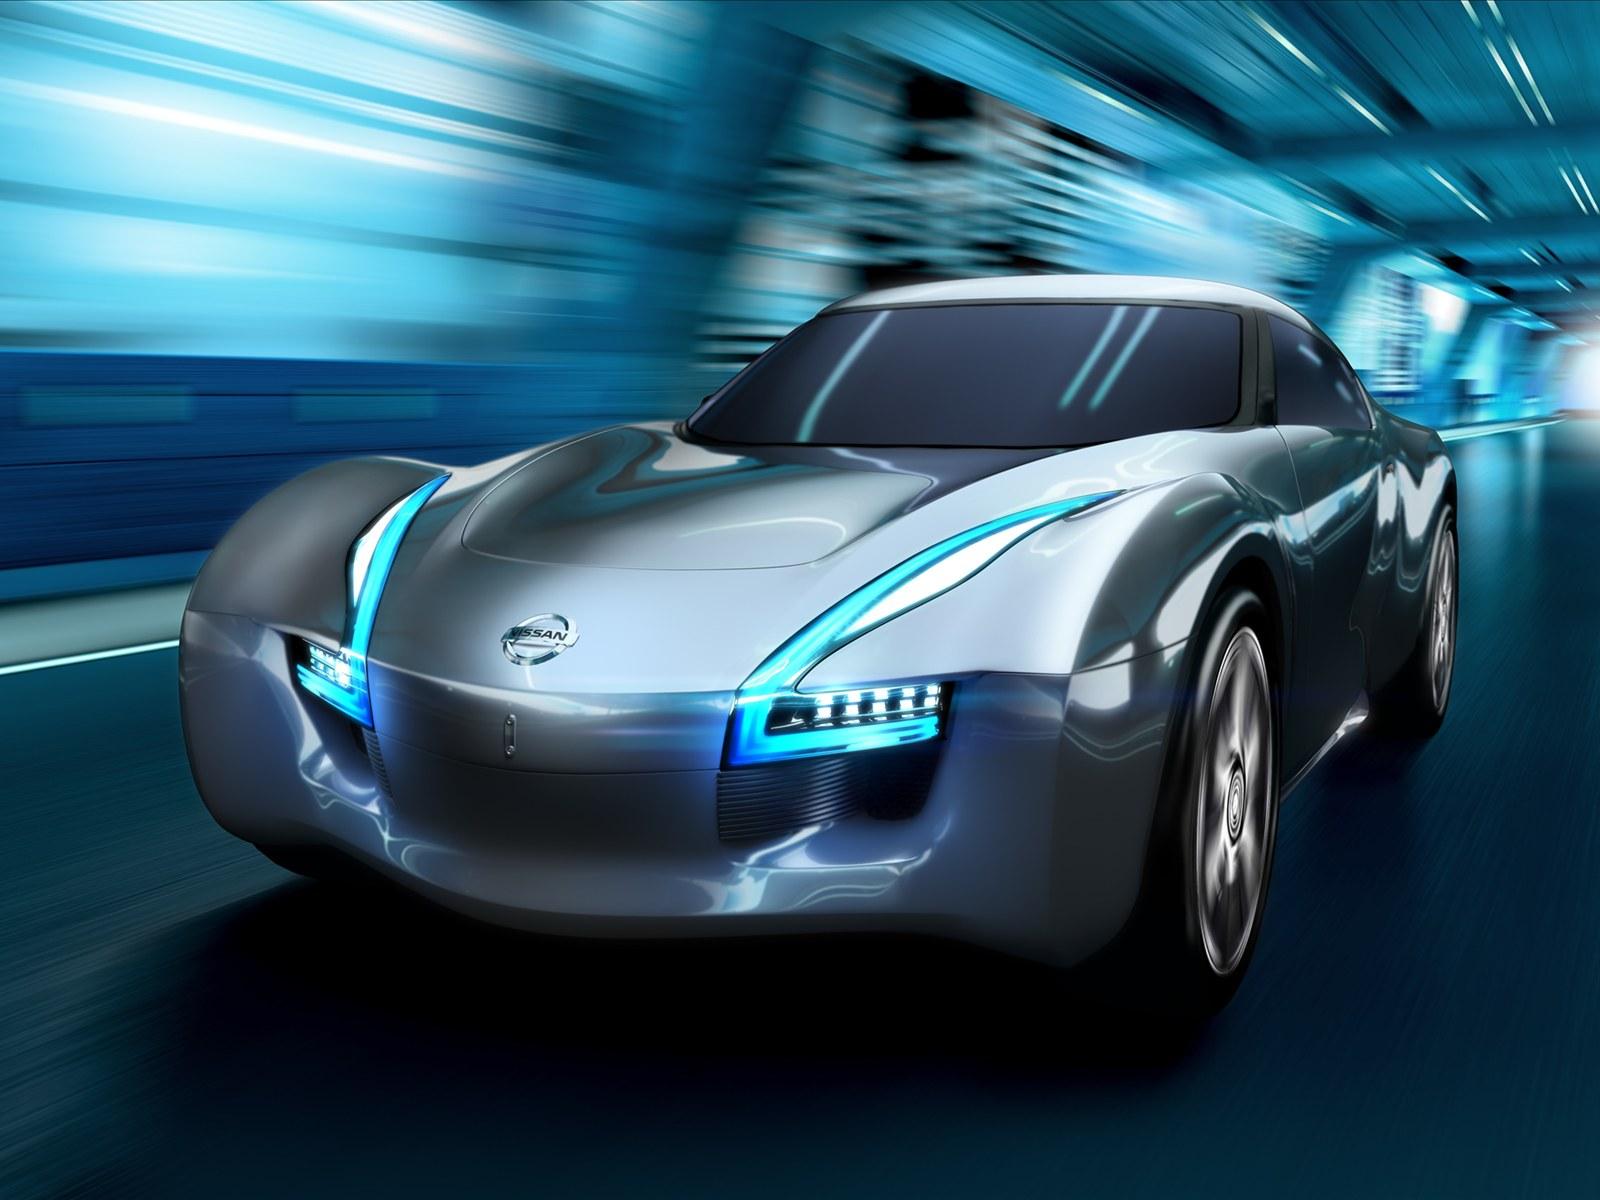 Car Pictures: Nissan ESFLOW Electric Concept Car 2011